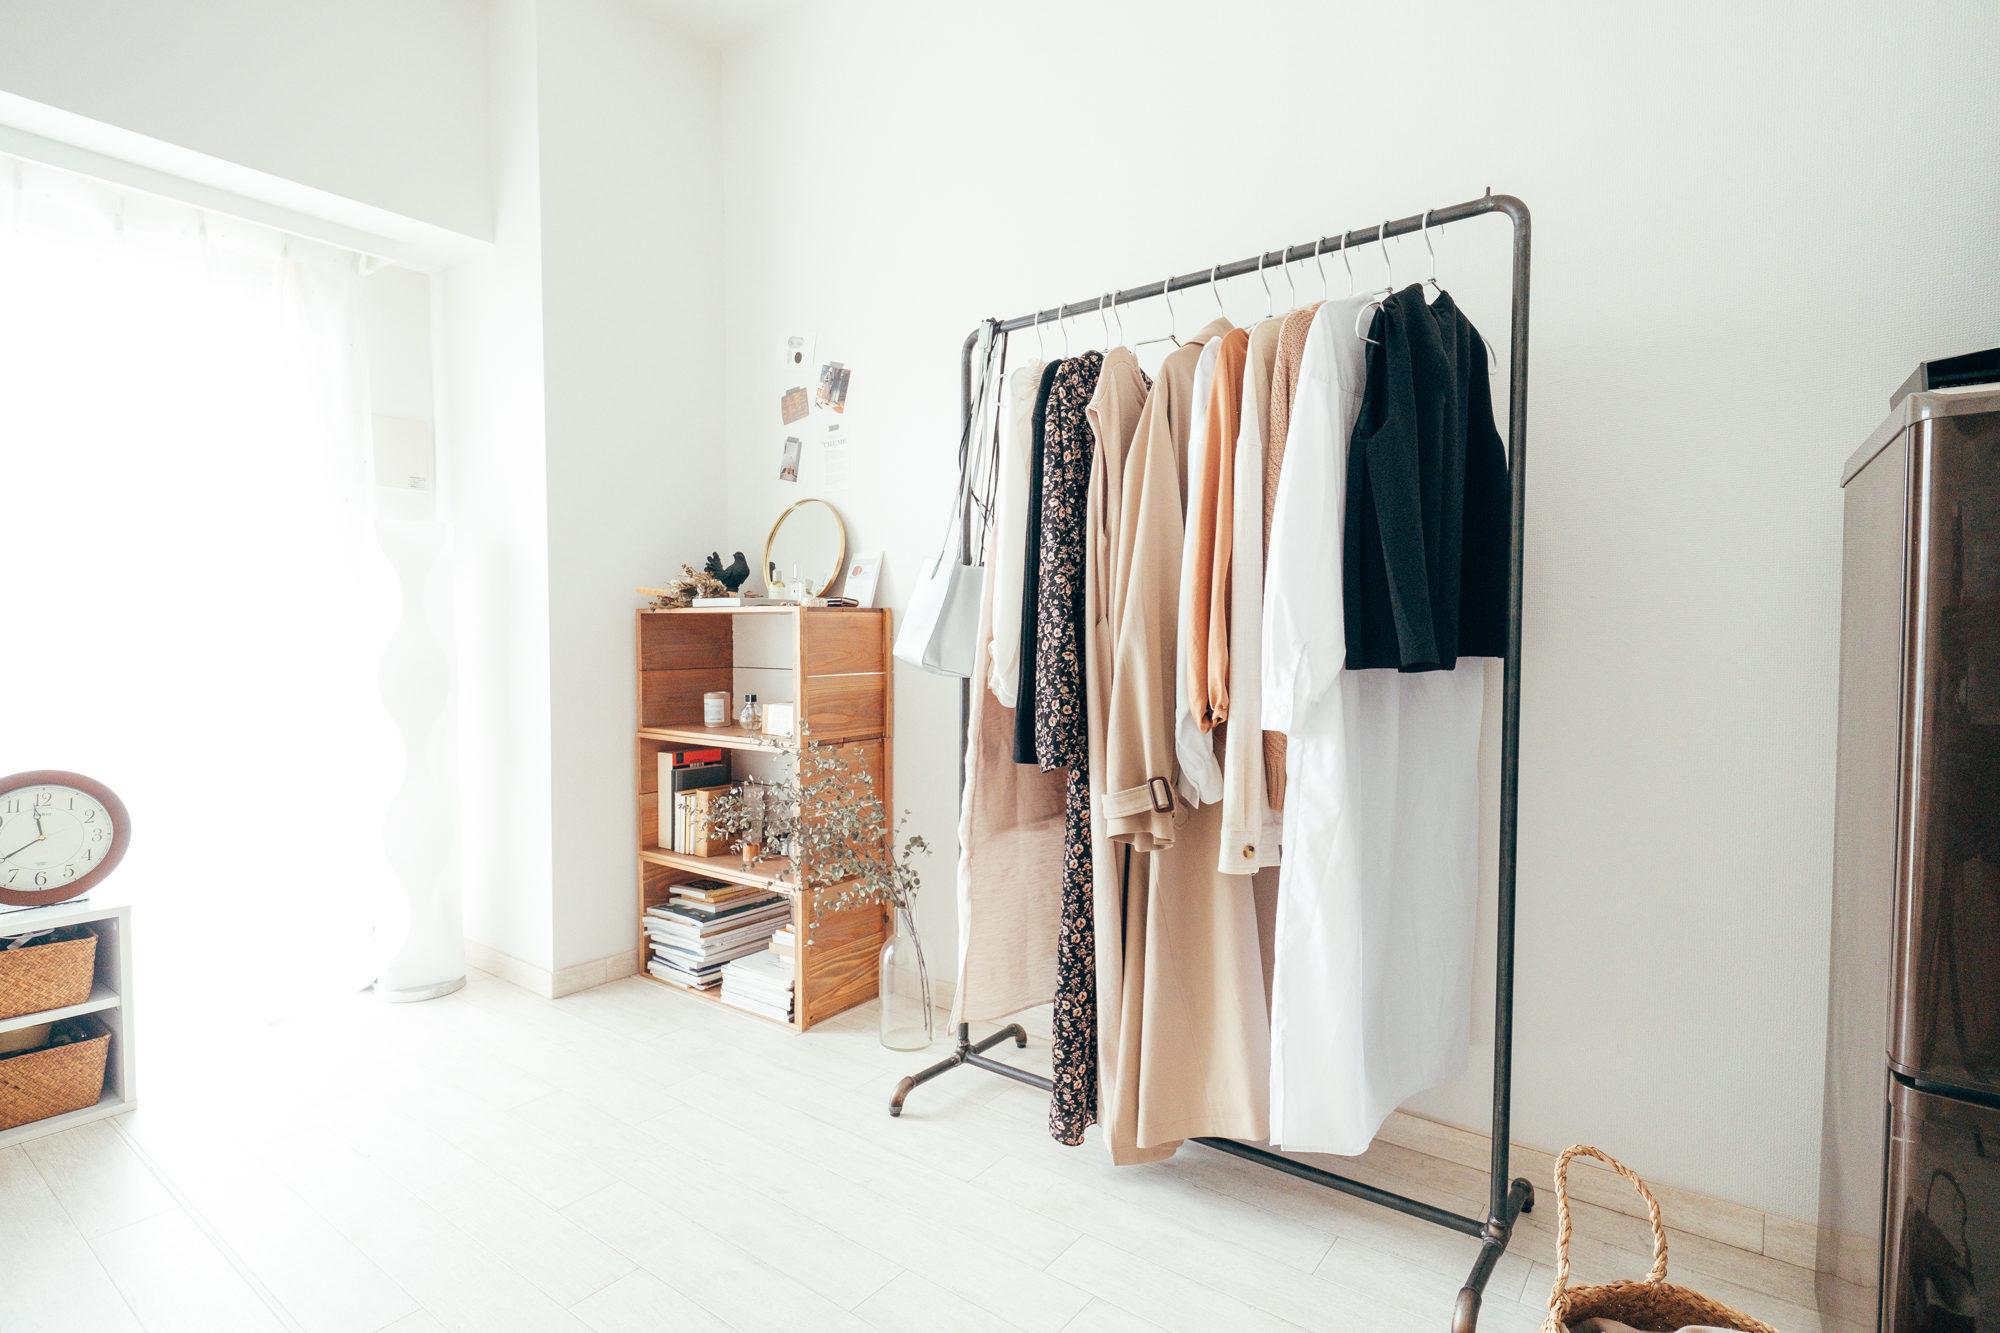 衣類はアイアンの風合いがクールなW standartdのハンガーラックに掛けてディスプレイ。「部屋の中にお店のような空間をいくつも作れたらと考えて、選びました」